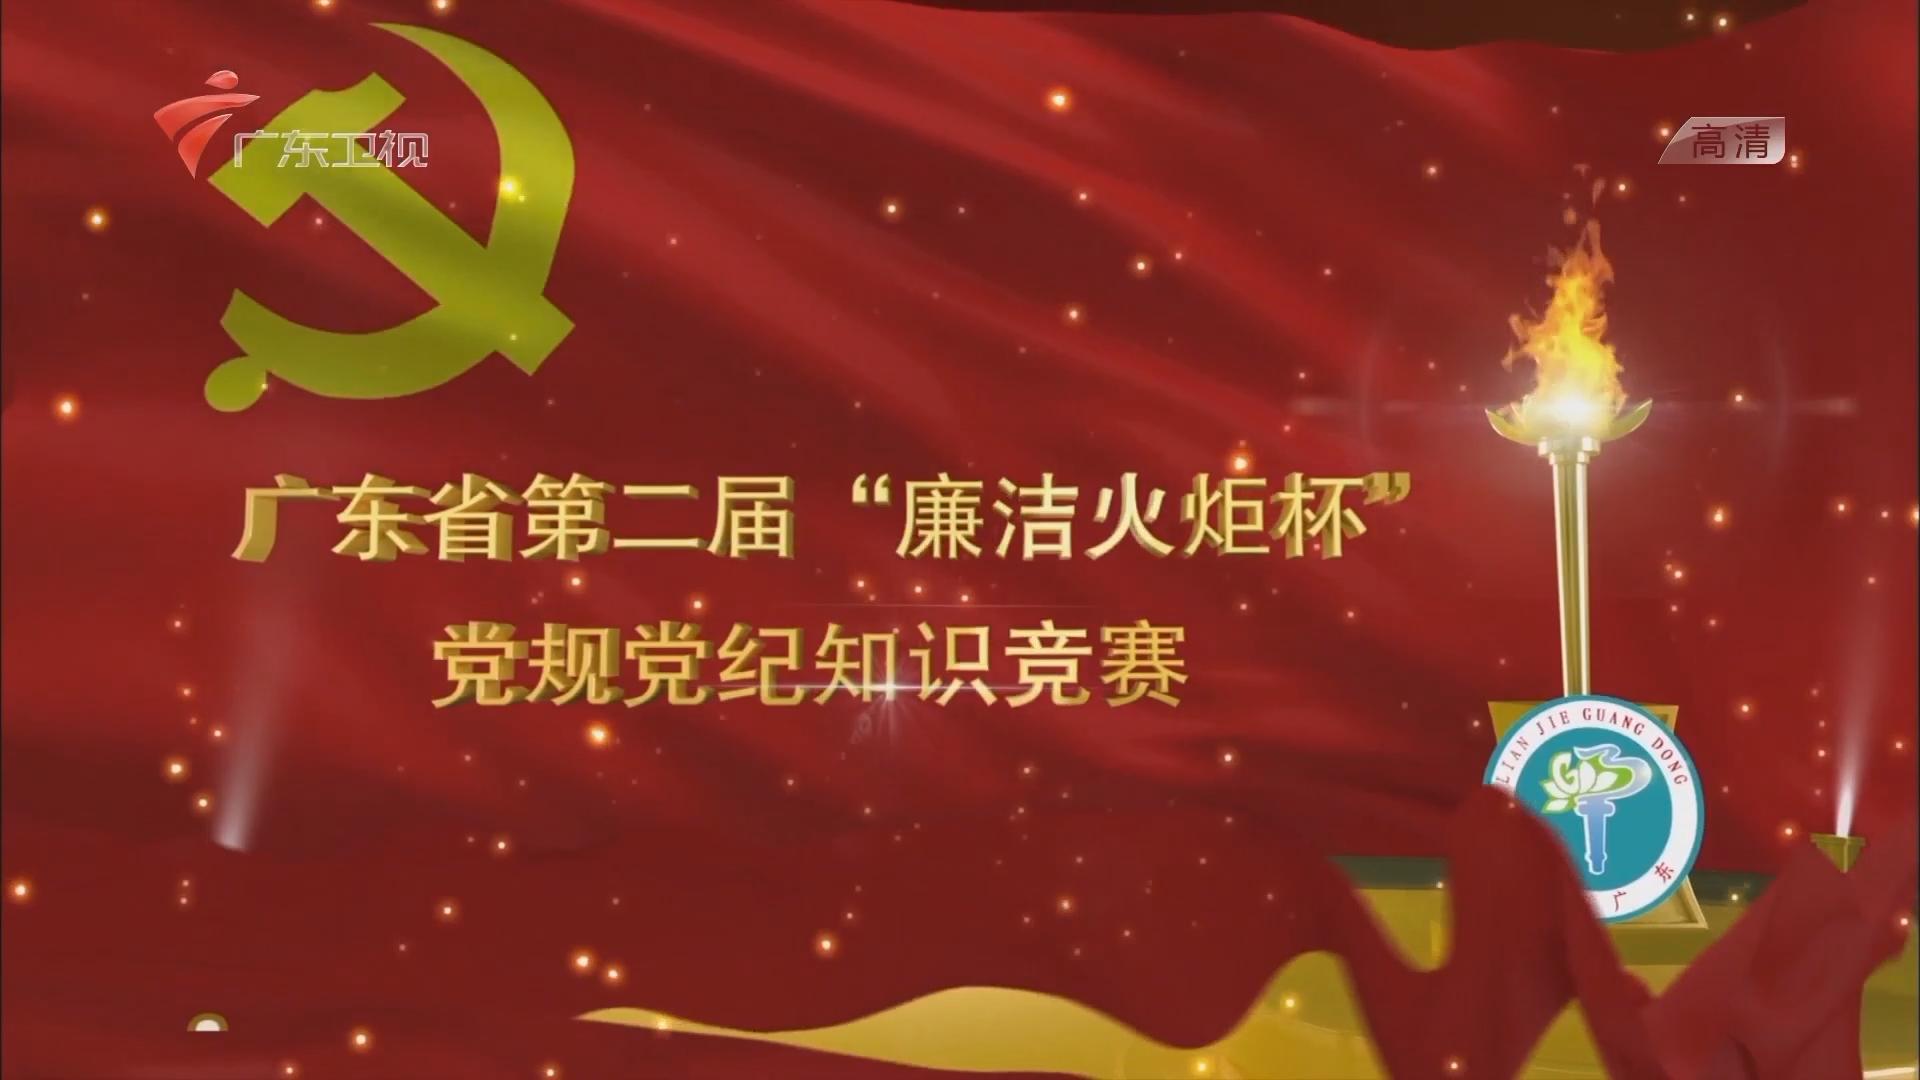 """广东省第二届""""廉洁火炬杯""""党规党纪知识竞赛"""